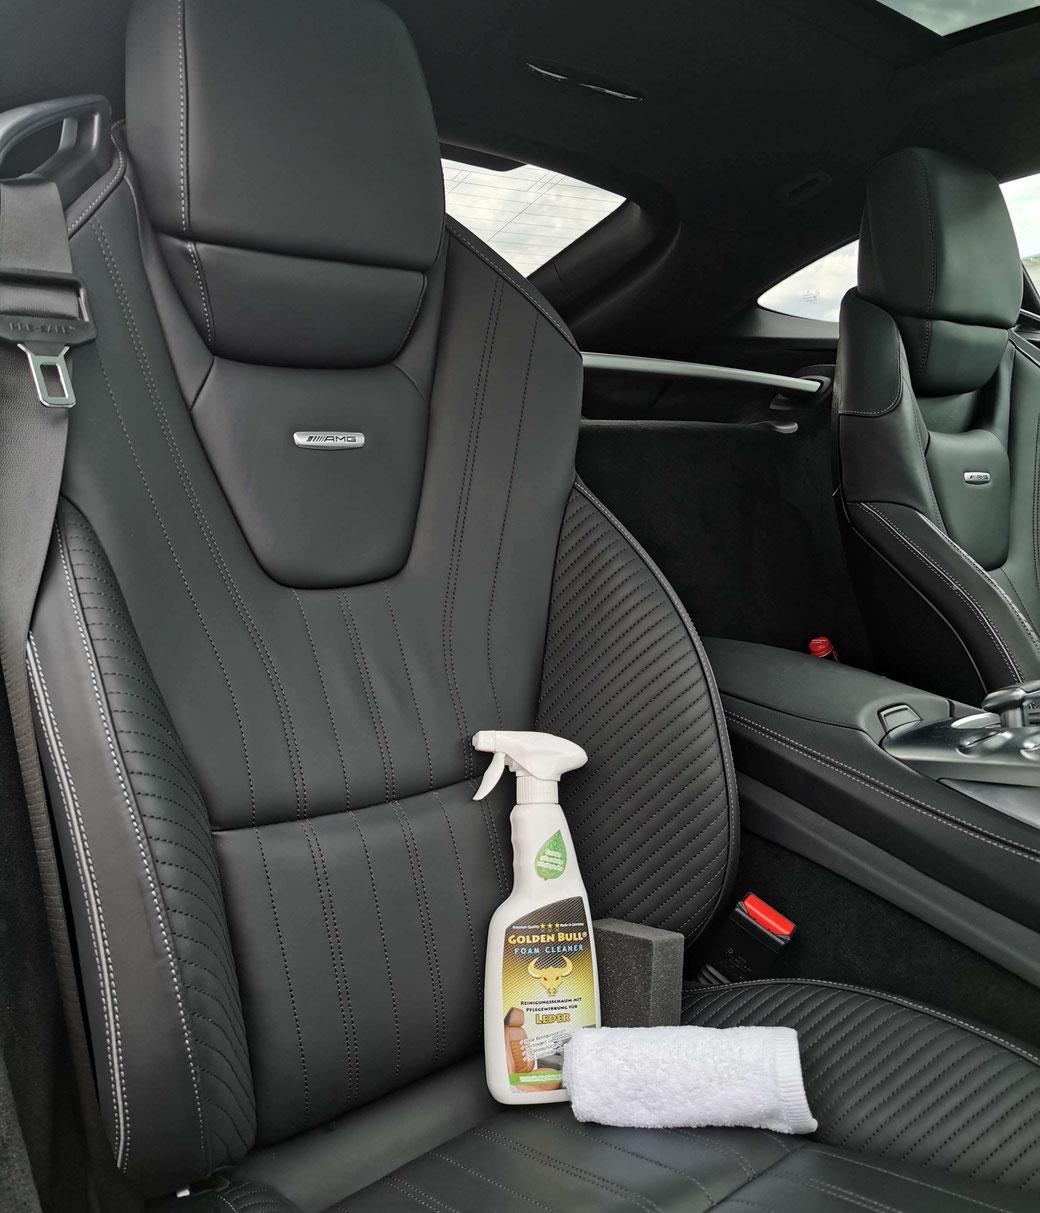 Lederreinigung und Lederpflege im Auto. Braune KFZ Ledersitze reinigen und pflegen mit Golden Bull.